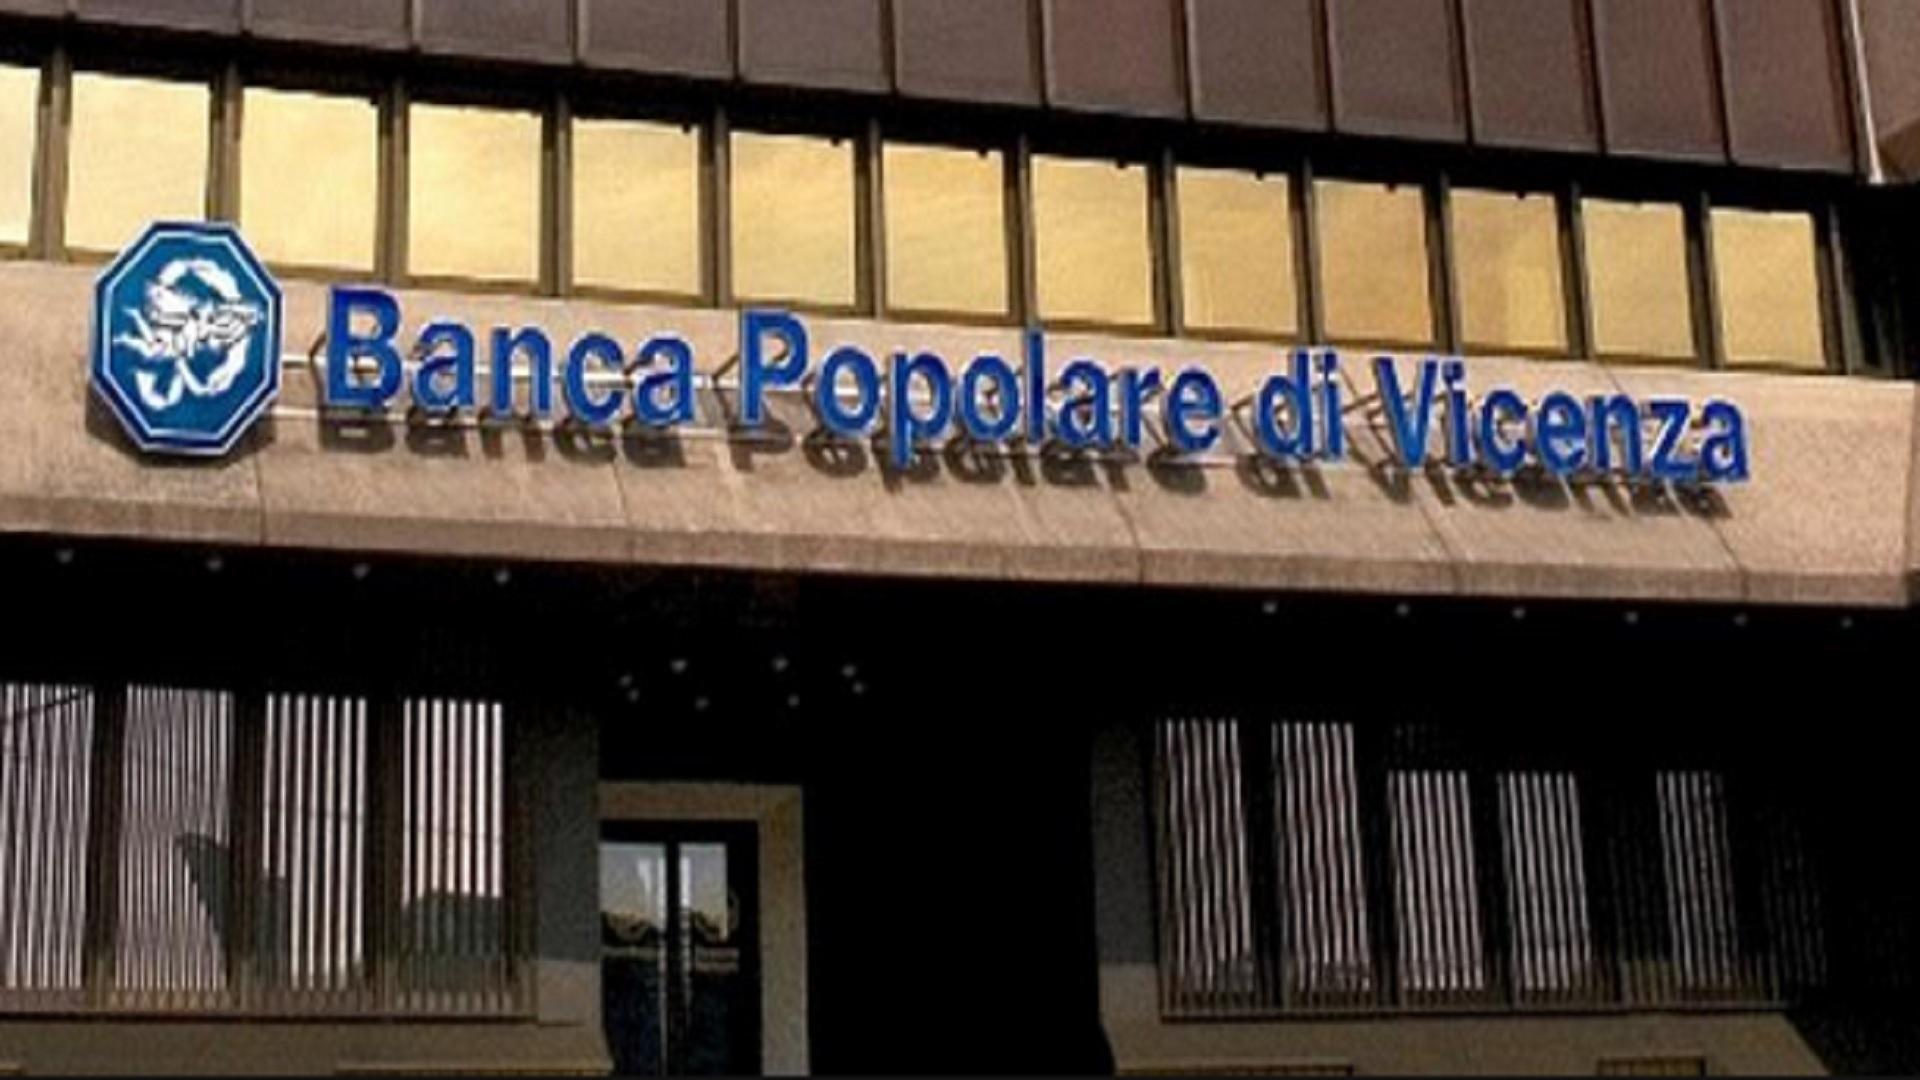 Banca Popolare di Vicenza: altri tre indagati, tra loro anche Zuccato